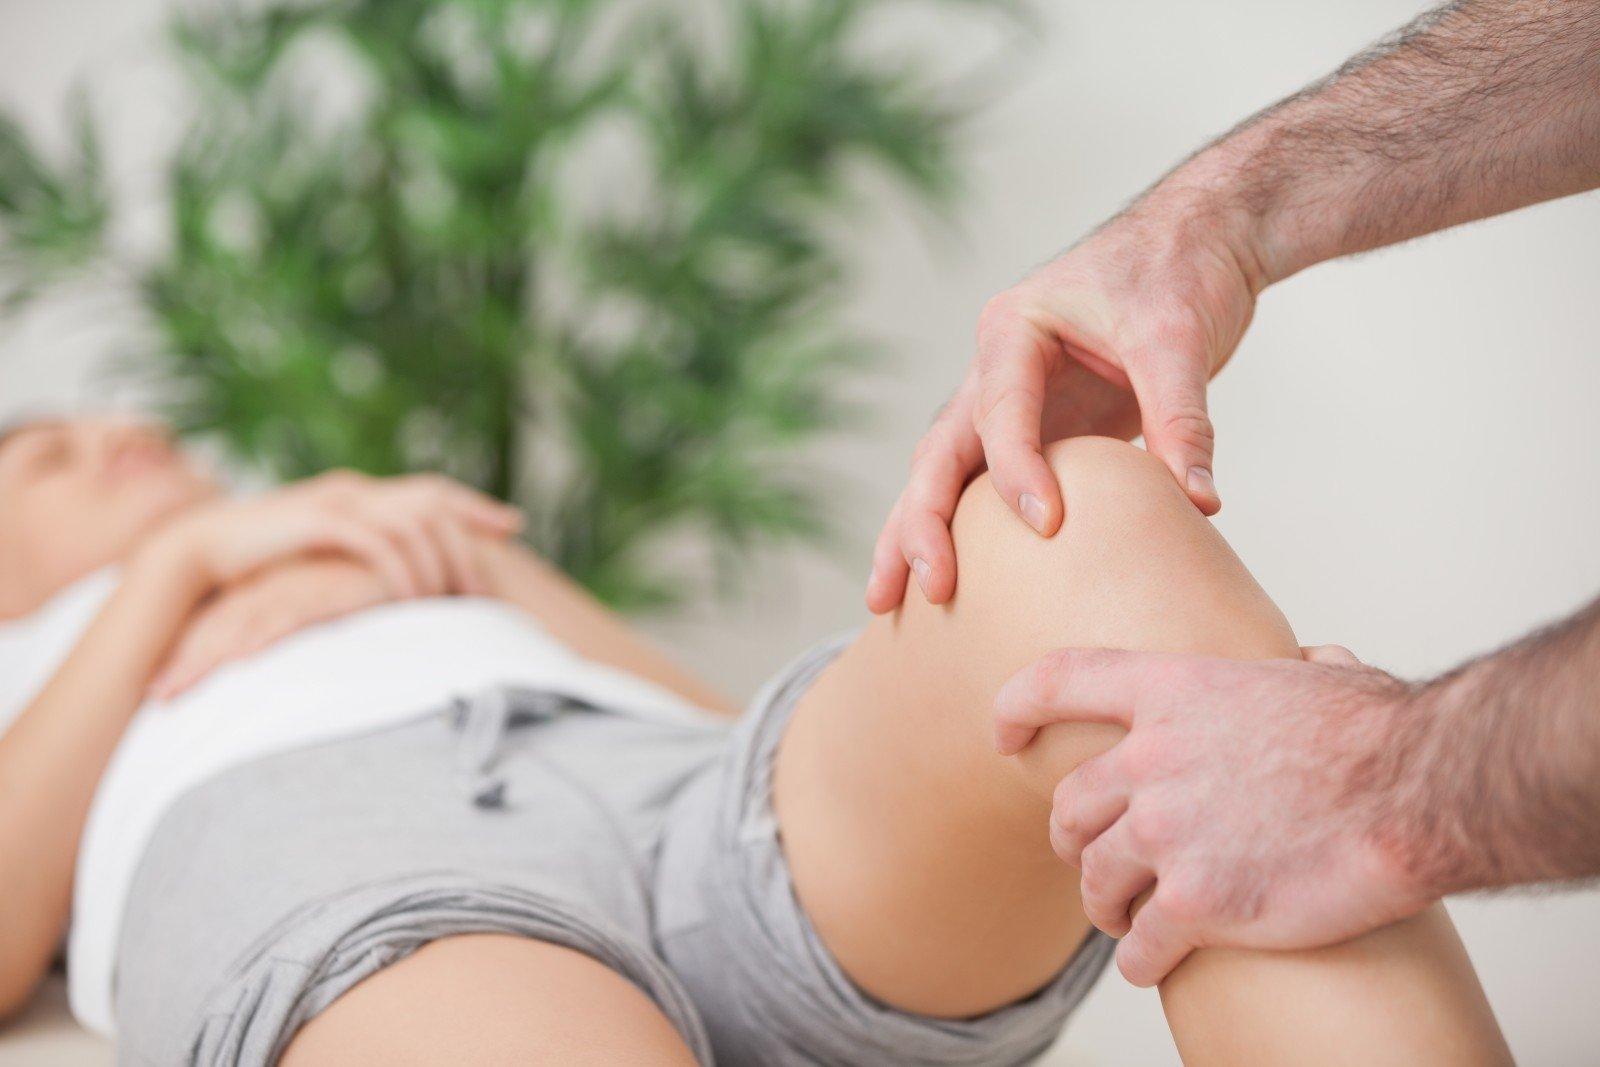 liaudiski patarimai nuo sanariu kai tepalas padėti sąnarių skausmas